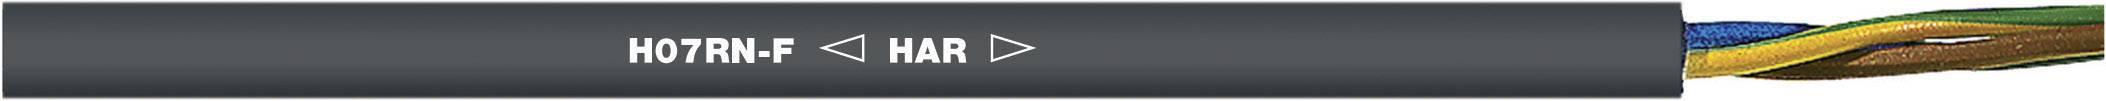 Připojovací kabel H07RN-F 2 x 1.50 mm² černá LappKabel 1600199 metrové zboží